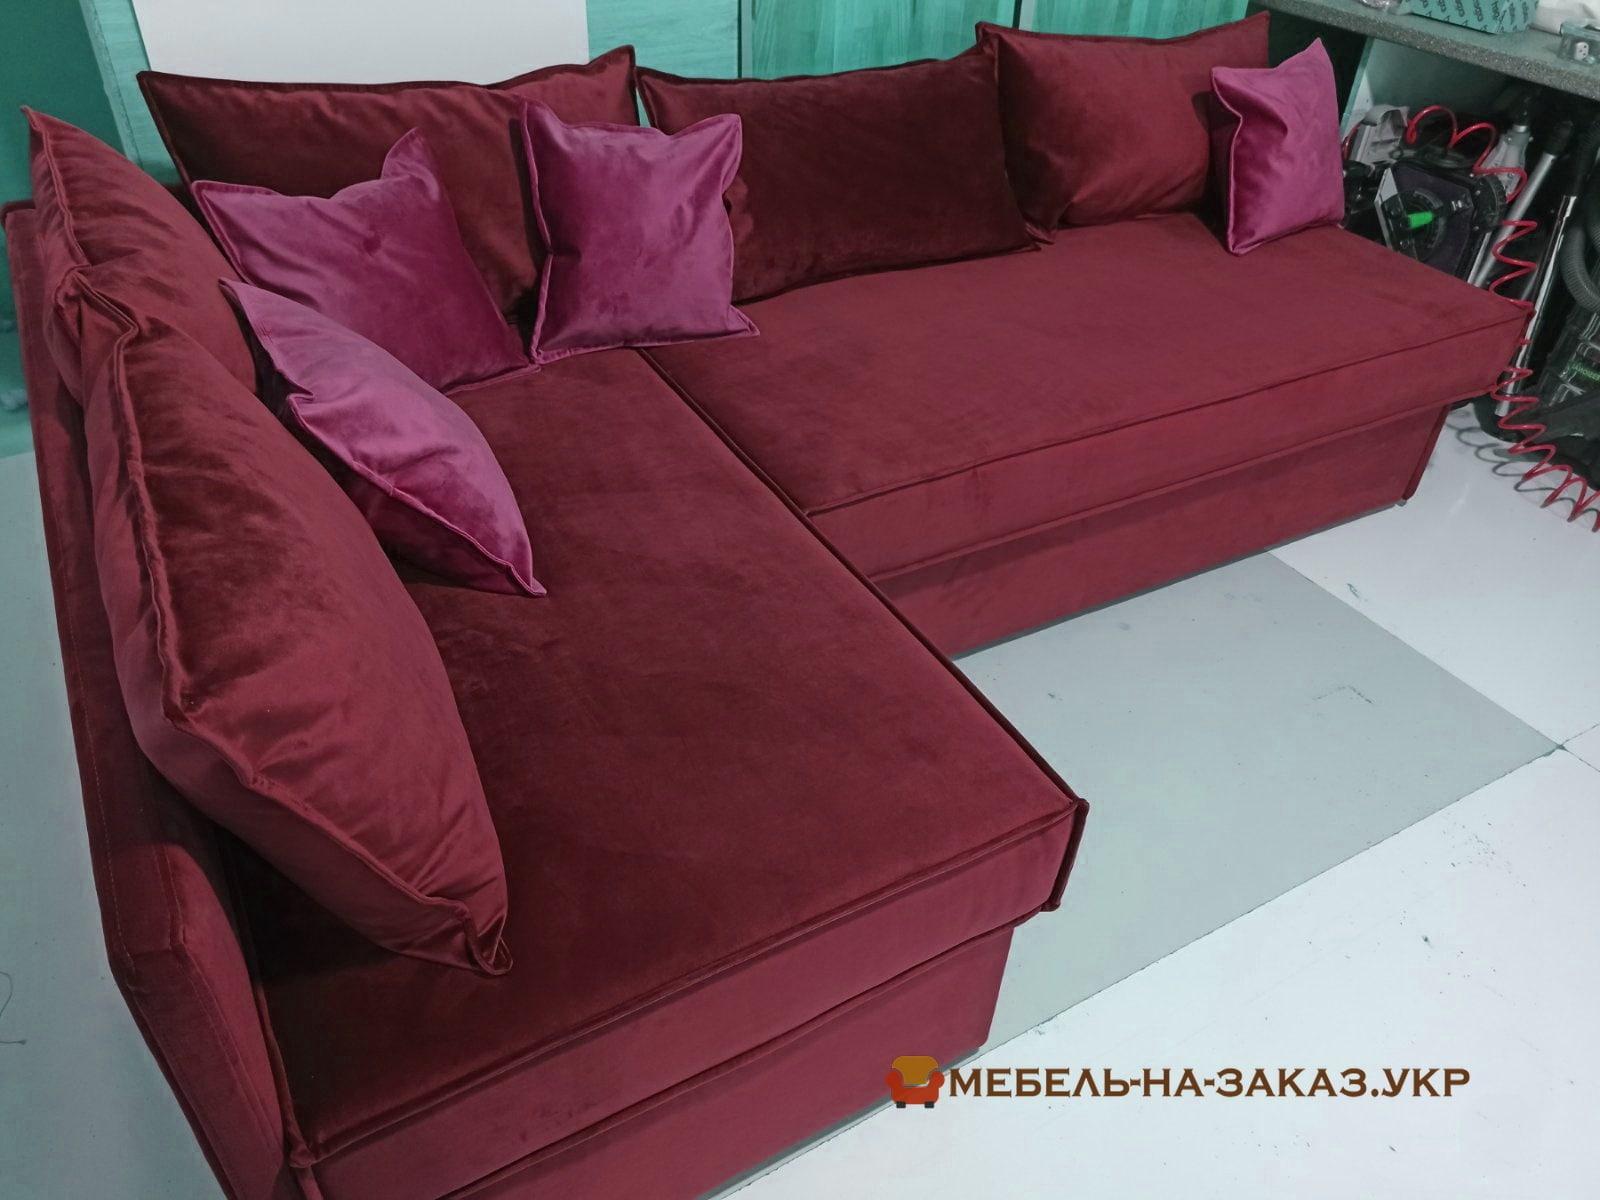 Красный диван со спальным местом